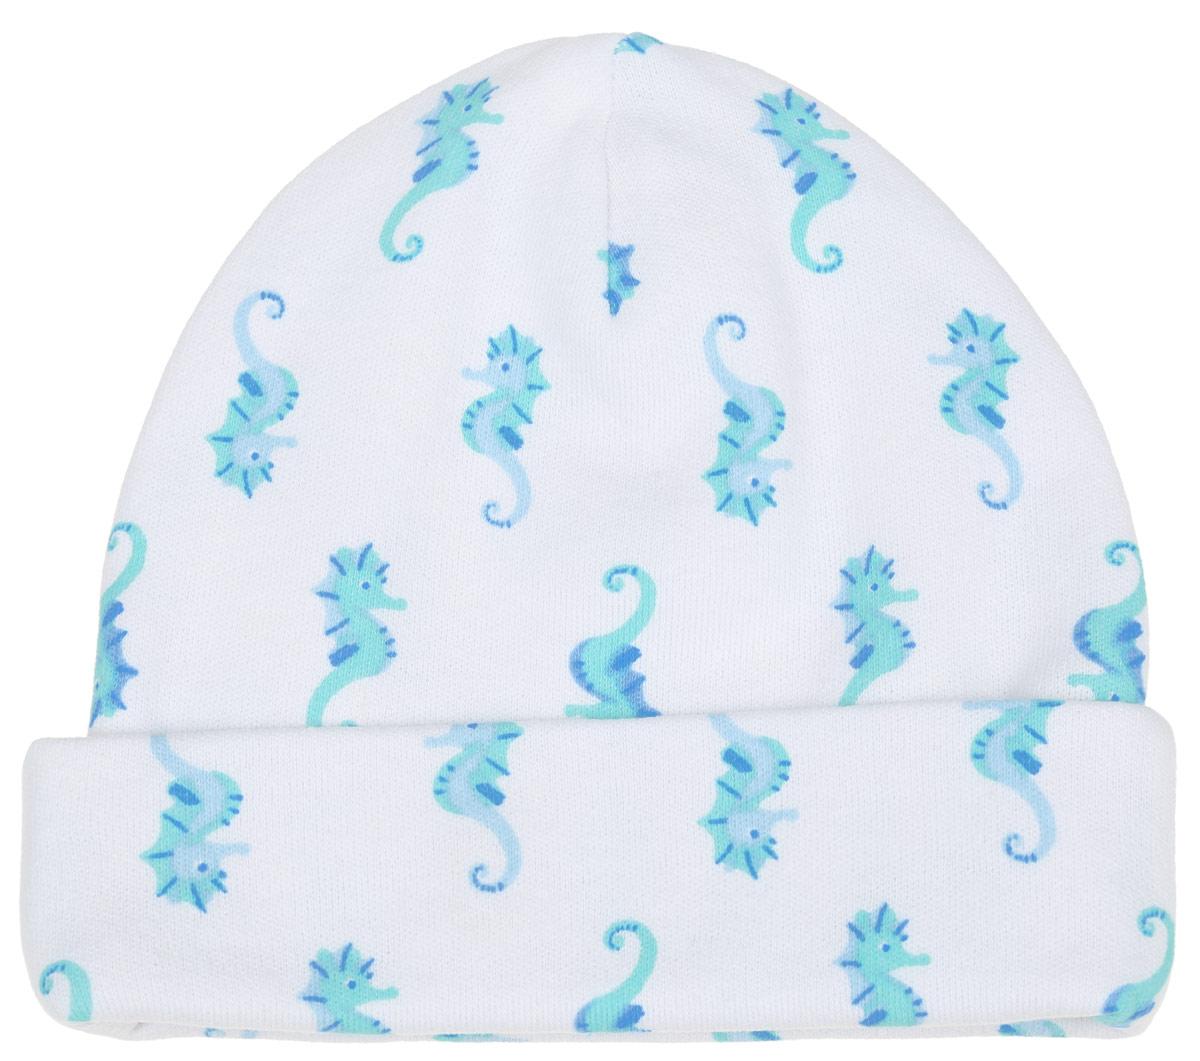 Шапочка6311_ВЛ15_конькиКомфортная шапочка для мальчика Трон-плюс идеально подойдет вашему малышу. Изделие изготовлено из двойного трикотажного полотна, мягкое и приятное на ощупь, позволяет коже дышать. Модель с отворотом оформлена принтом с изображением морских коньков по всей поверхности. Шапочка необходима любому младенцу, она защищает еще не заросший родничок, щадит чувствительный слух малыша, прикрывая ушки, а также предохраняет от теплопотерь. В такой шапочке ваш ребенок будет чувствовать себя уютно и комфортно! Уважаемые клиенты! Размер, доступный для заказа, является обхватом головы.